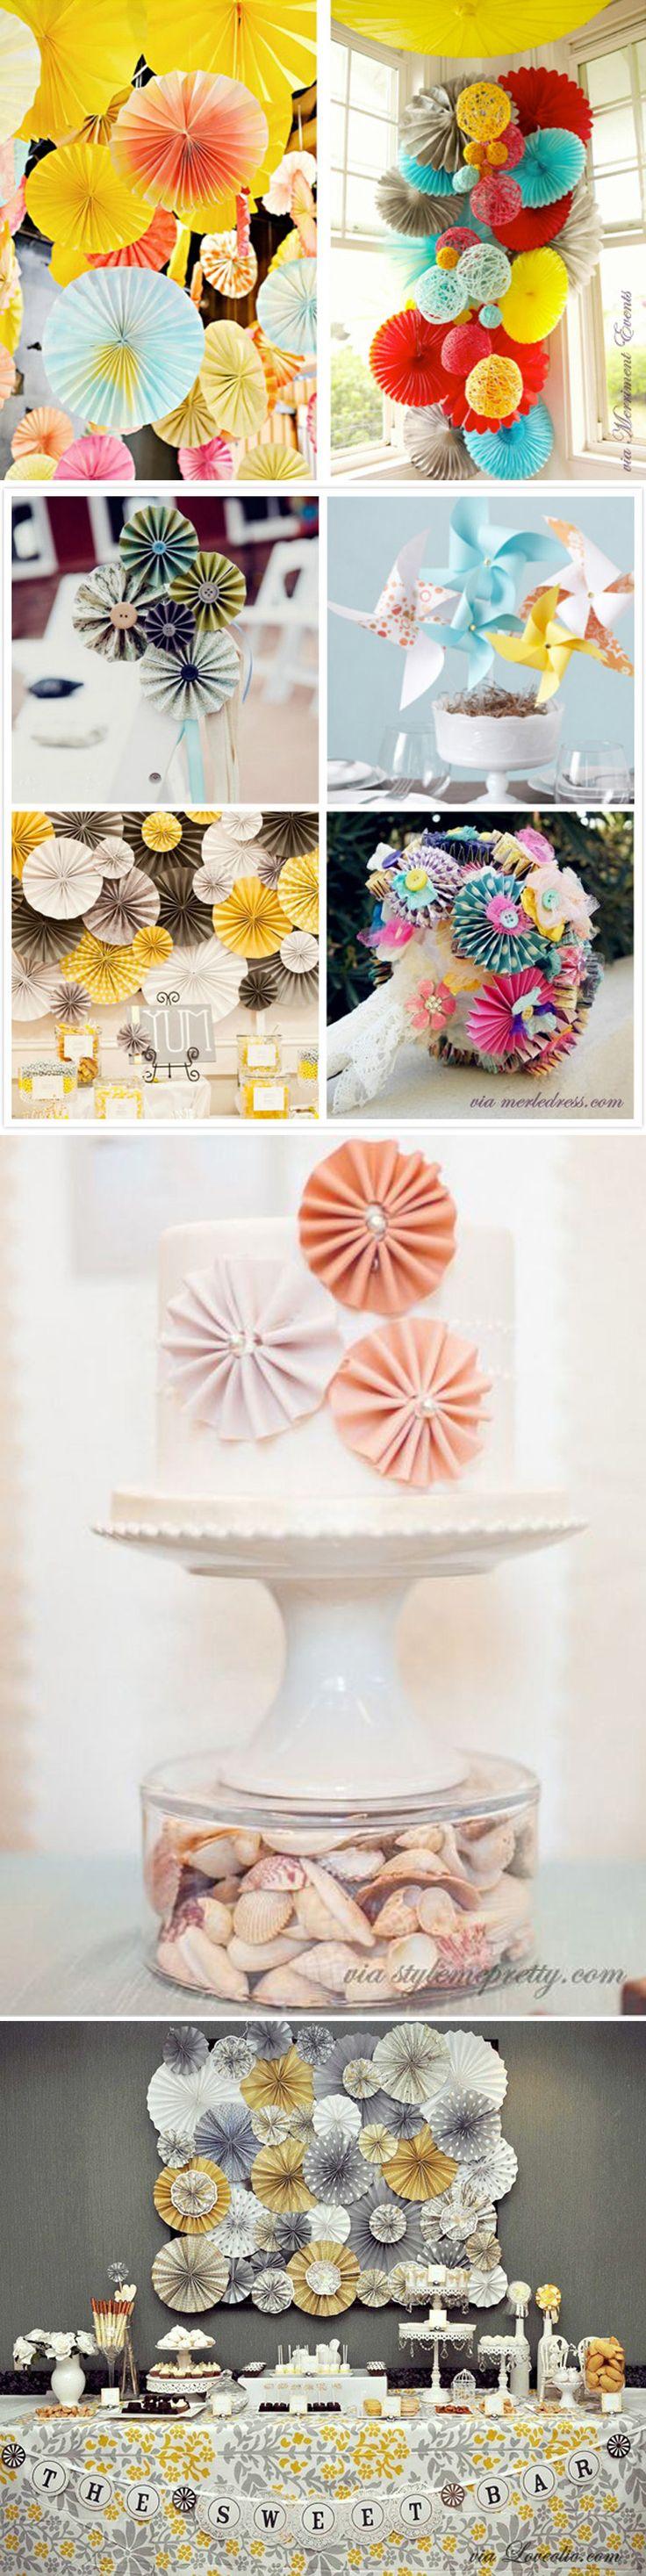 {49 pomysłów na dekoracje: 4/49 DIY papierowe rozety} • BLOG ŚLUBNY –SWEET WEDDINGBLOG ŚLUBNY –SWEET WEDDING